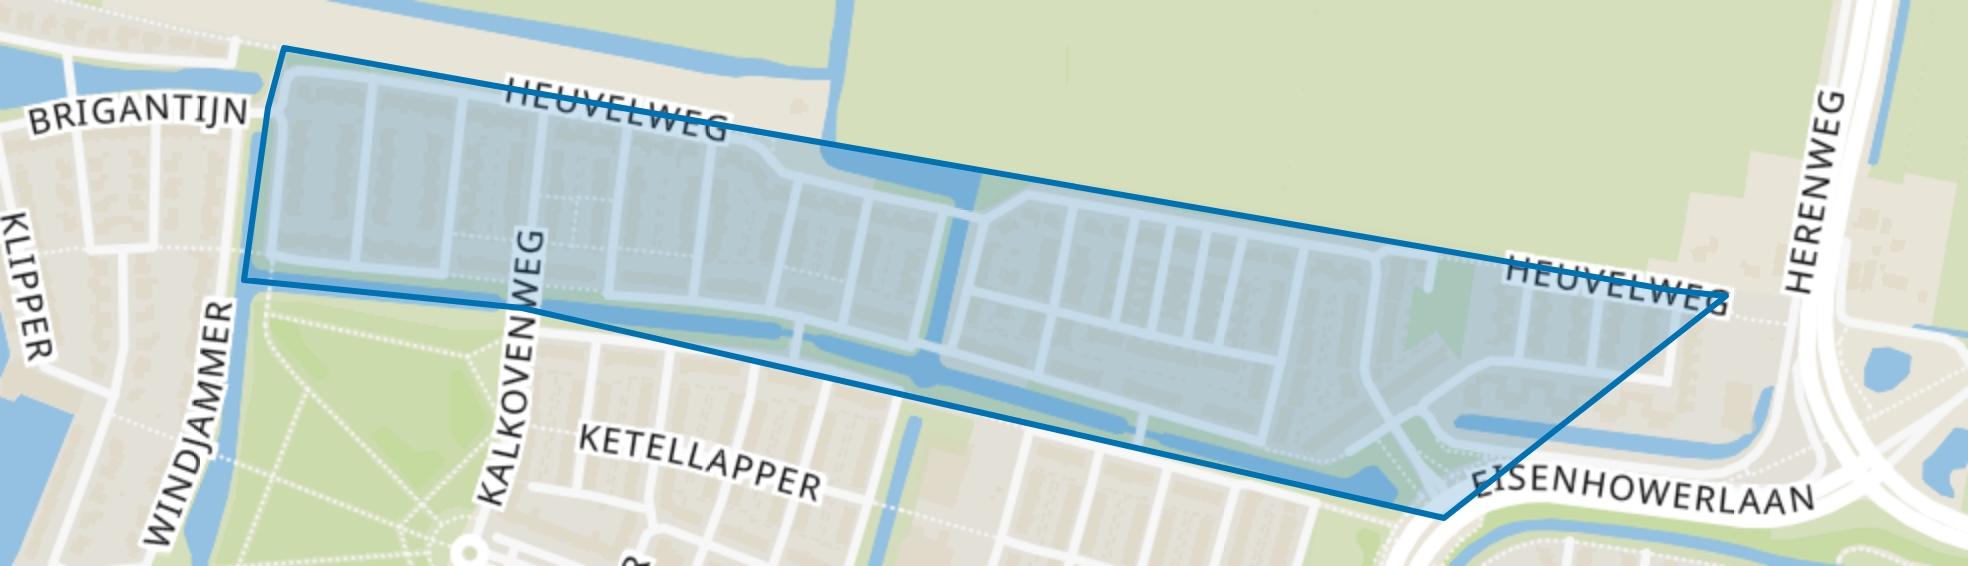 Heuvelweg, Alphen aan den Rijn map